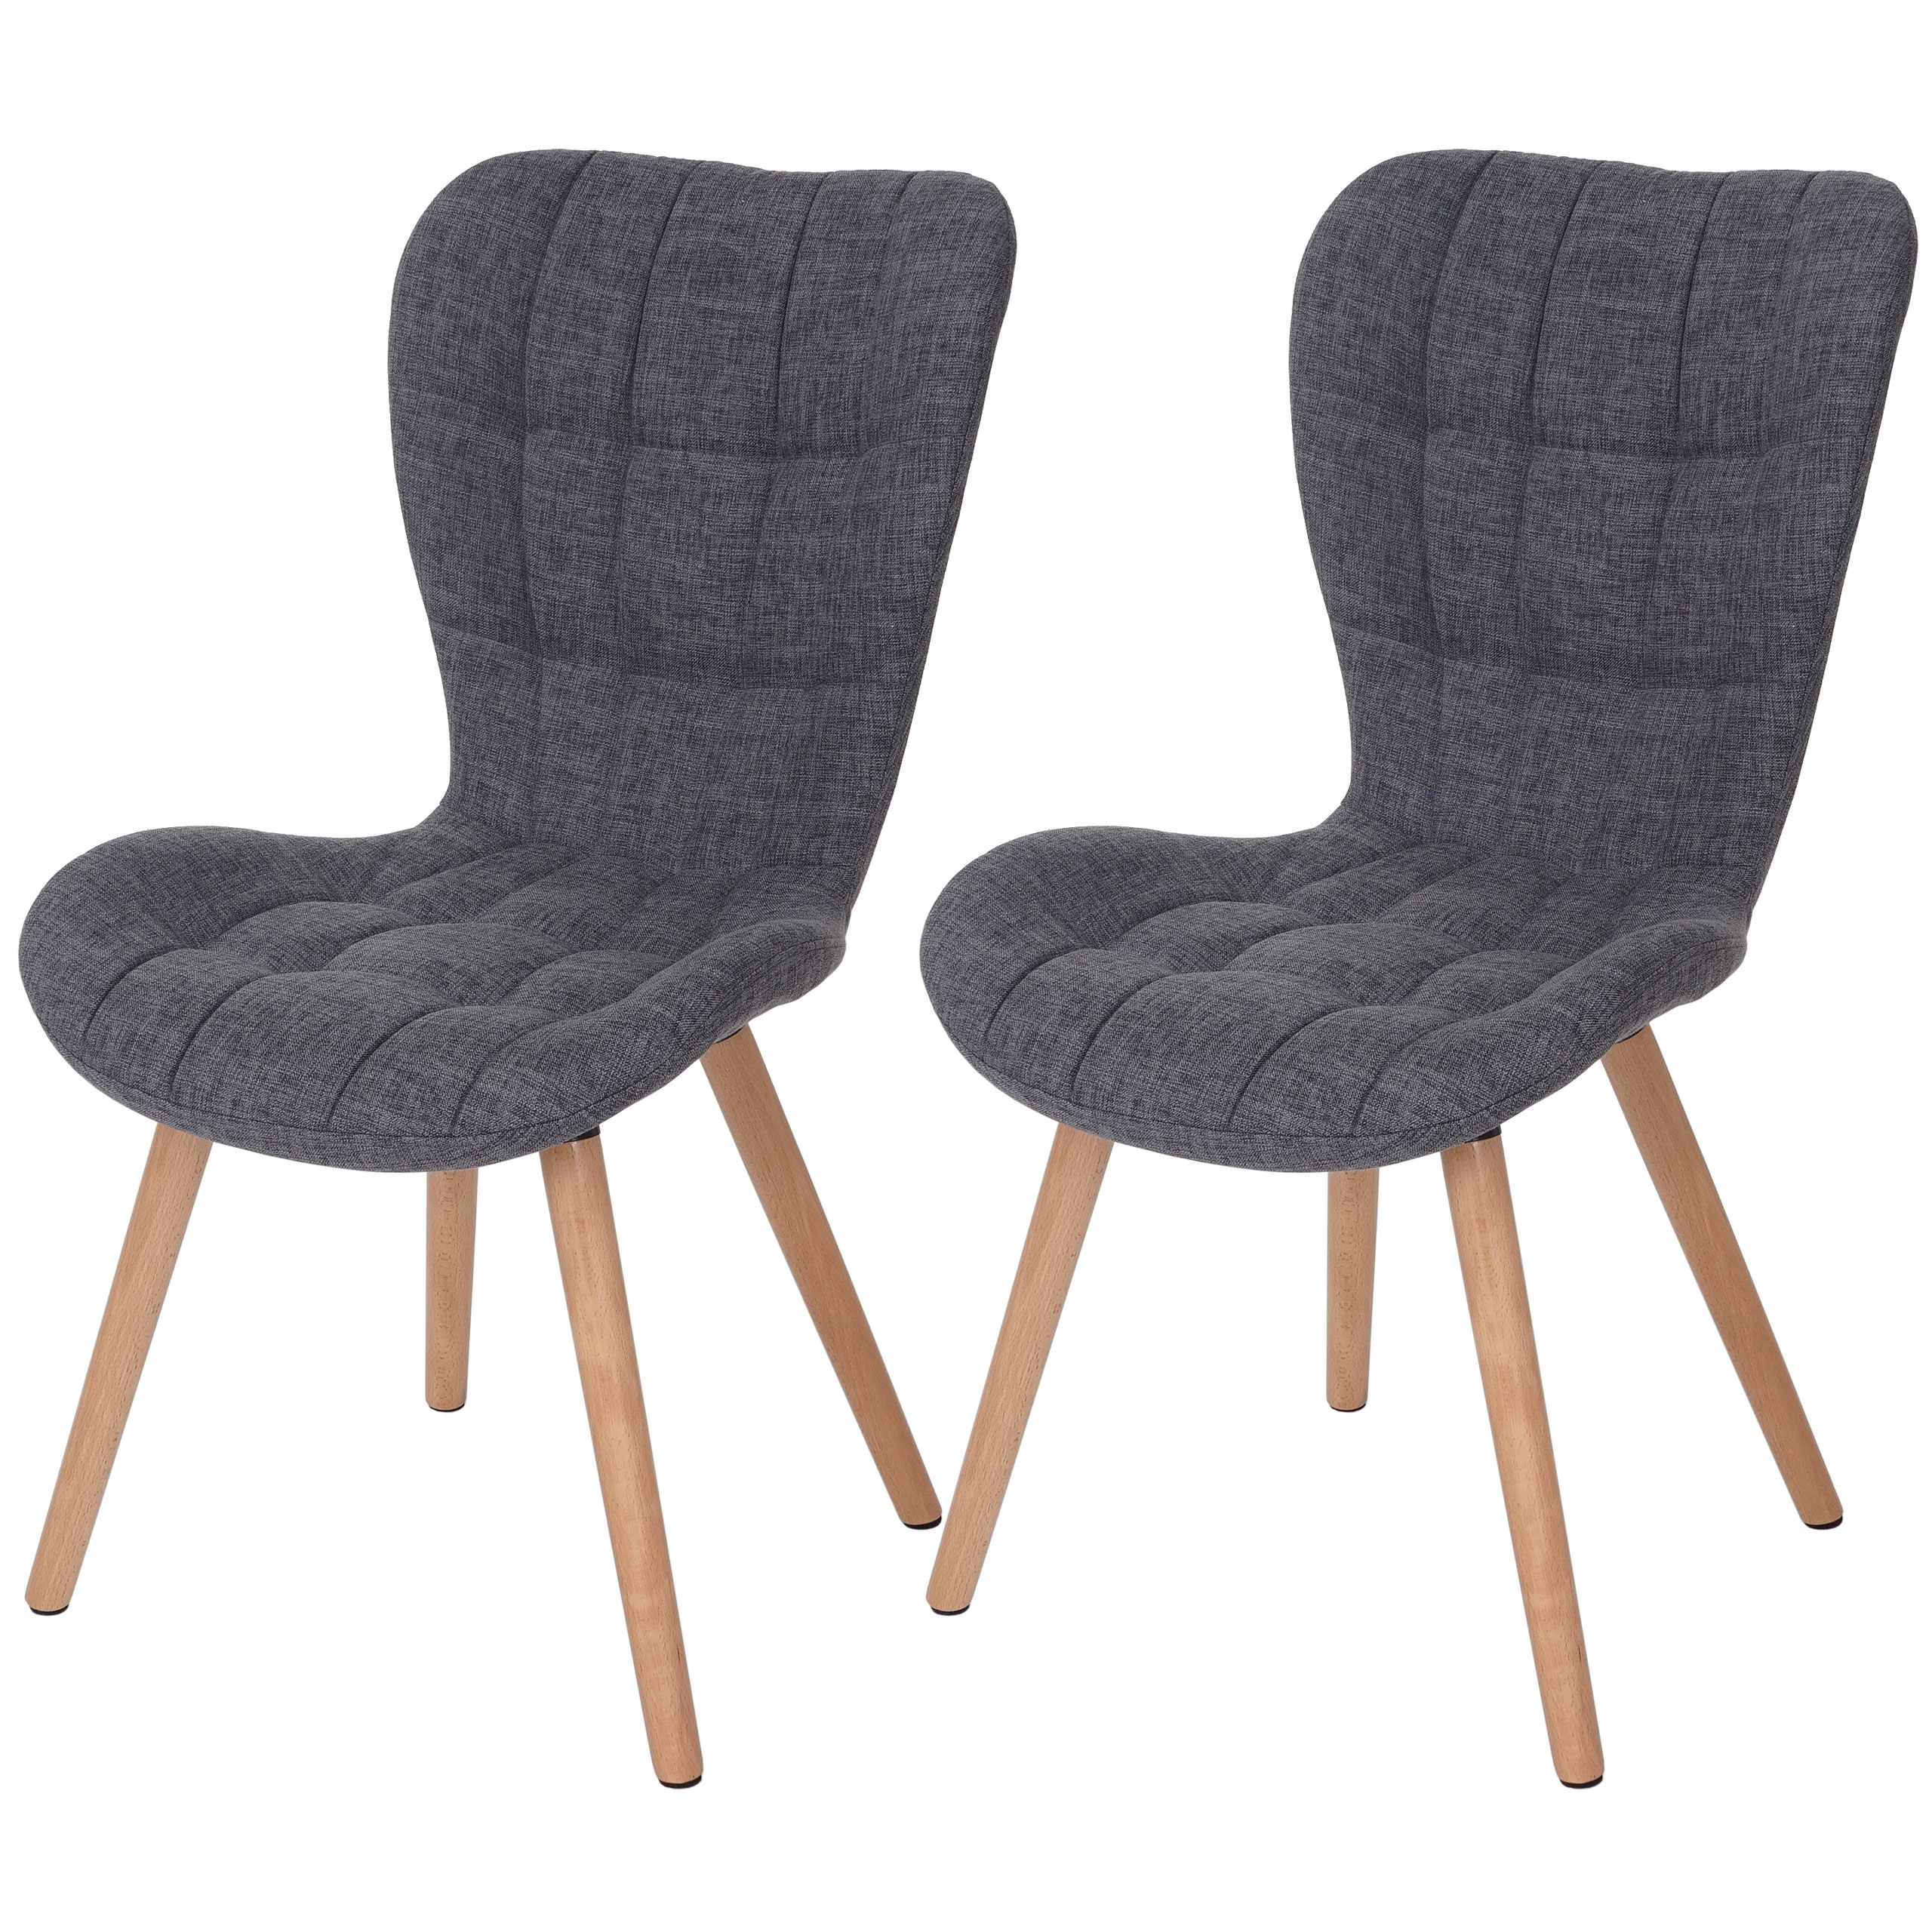 2x esszimmerstuhl hwc a87 stuhl lehnstuhl retro 50er. Black Bedroom Furniture Sets. Home Design Ideas